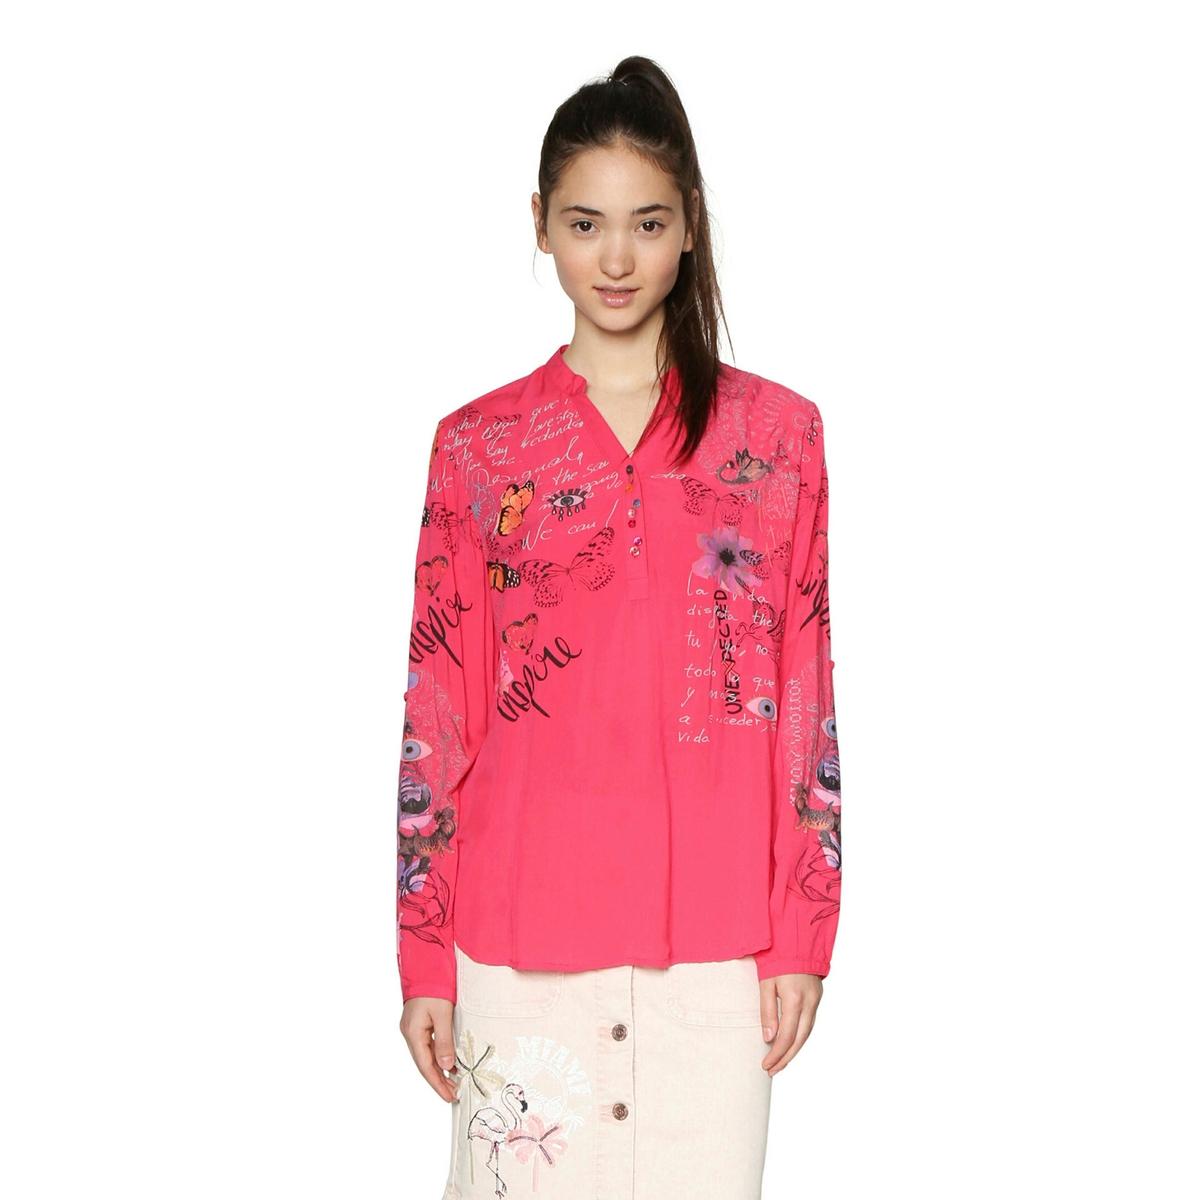 Блузка La Redoute С V-образным вырезом цветочным рисунком и длинными рукавами M розовый блузка la redoute с круглым вырезом цветочным рисунком и длинными рукавами s черный